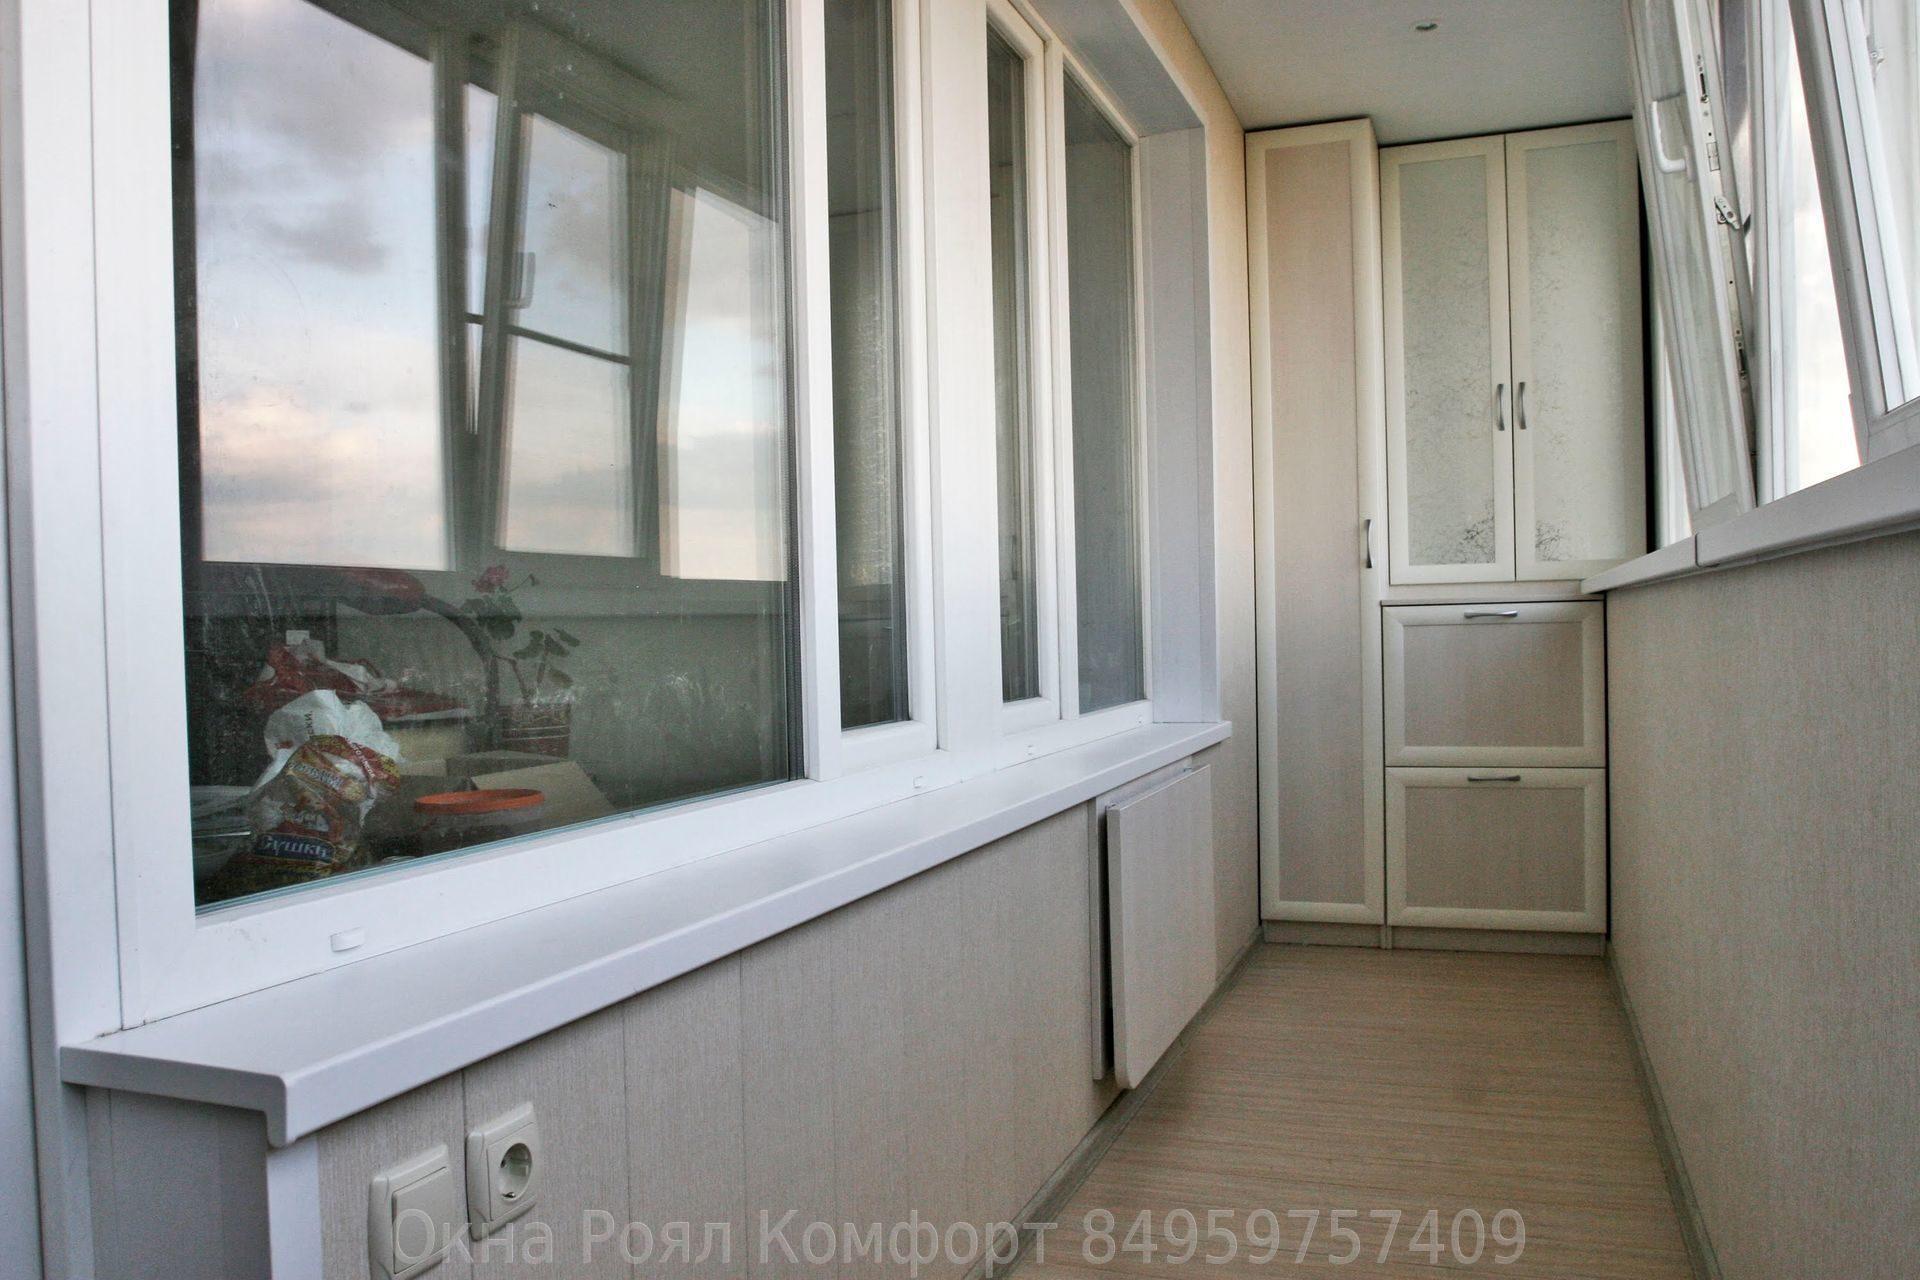 Цена ремонта балконов дом п44т остекление балкона